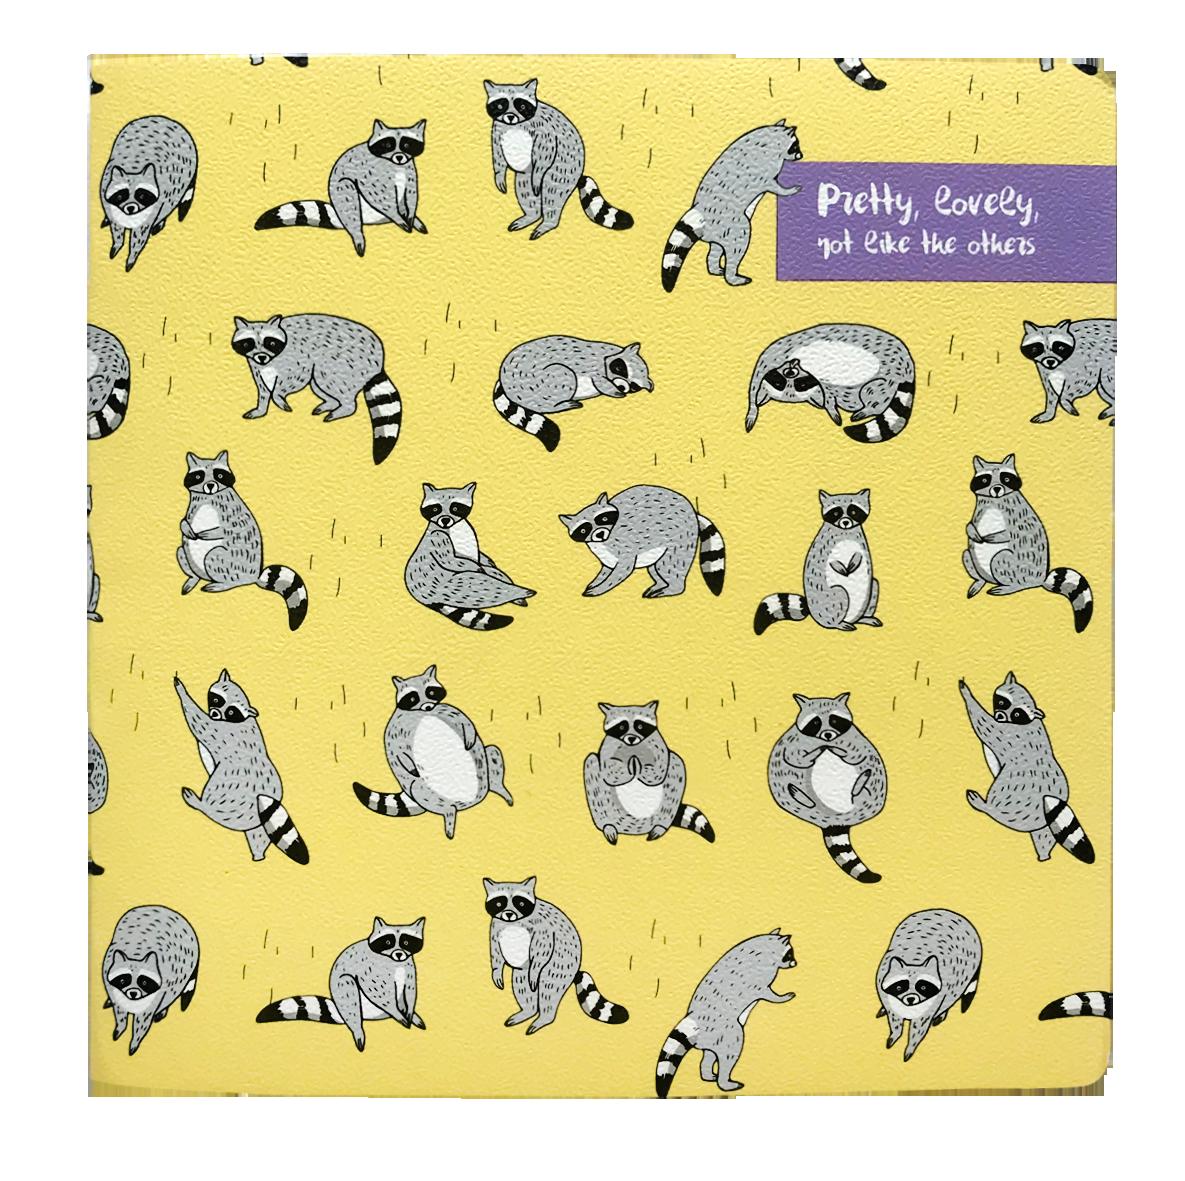 Купить Альбом для рисования Be Smart 17х17 см 20 л 120 г, Коллекция Zoo Еноты, Россия